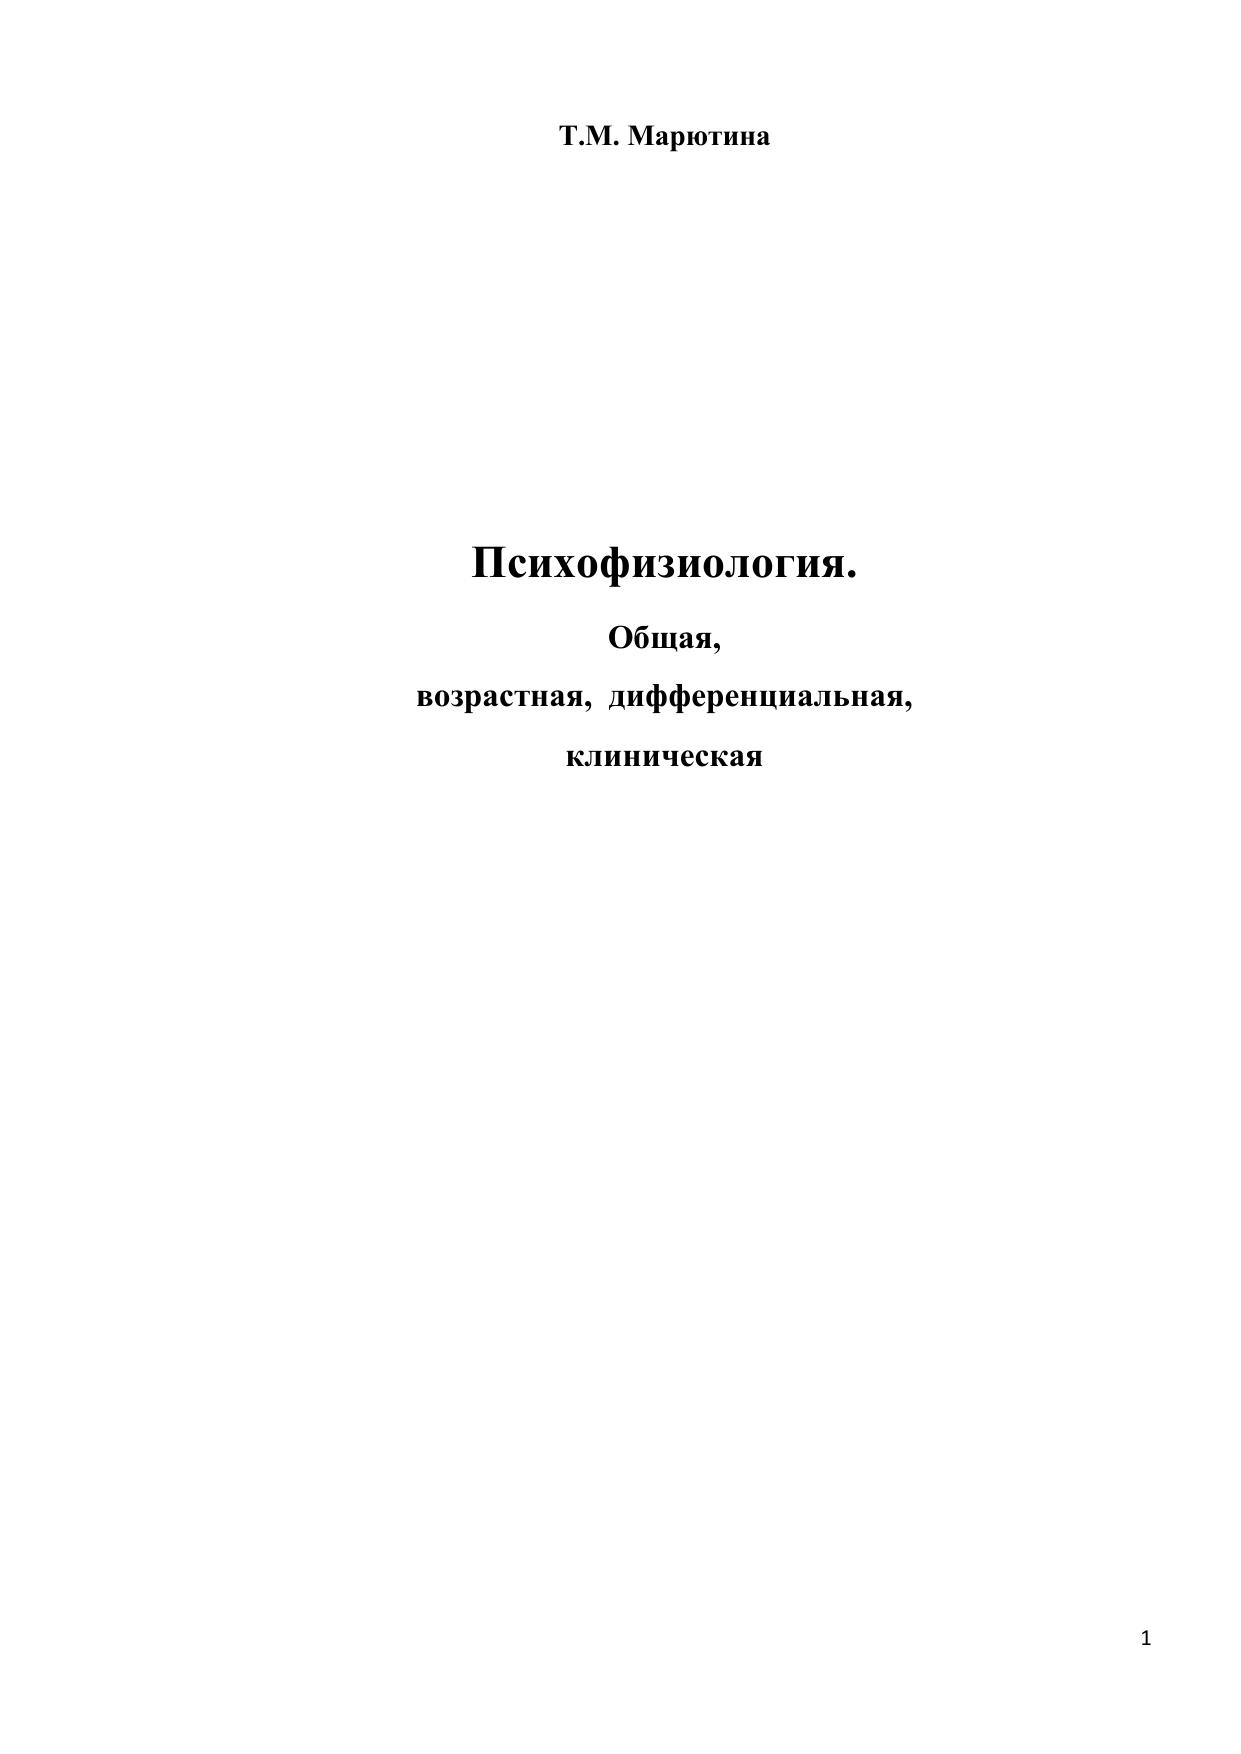 Разрешающая девушка модель социальной работы это модельное агенство черногорск